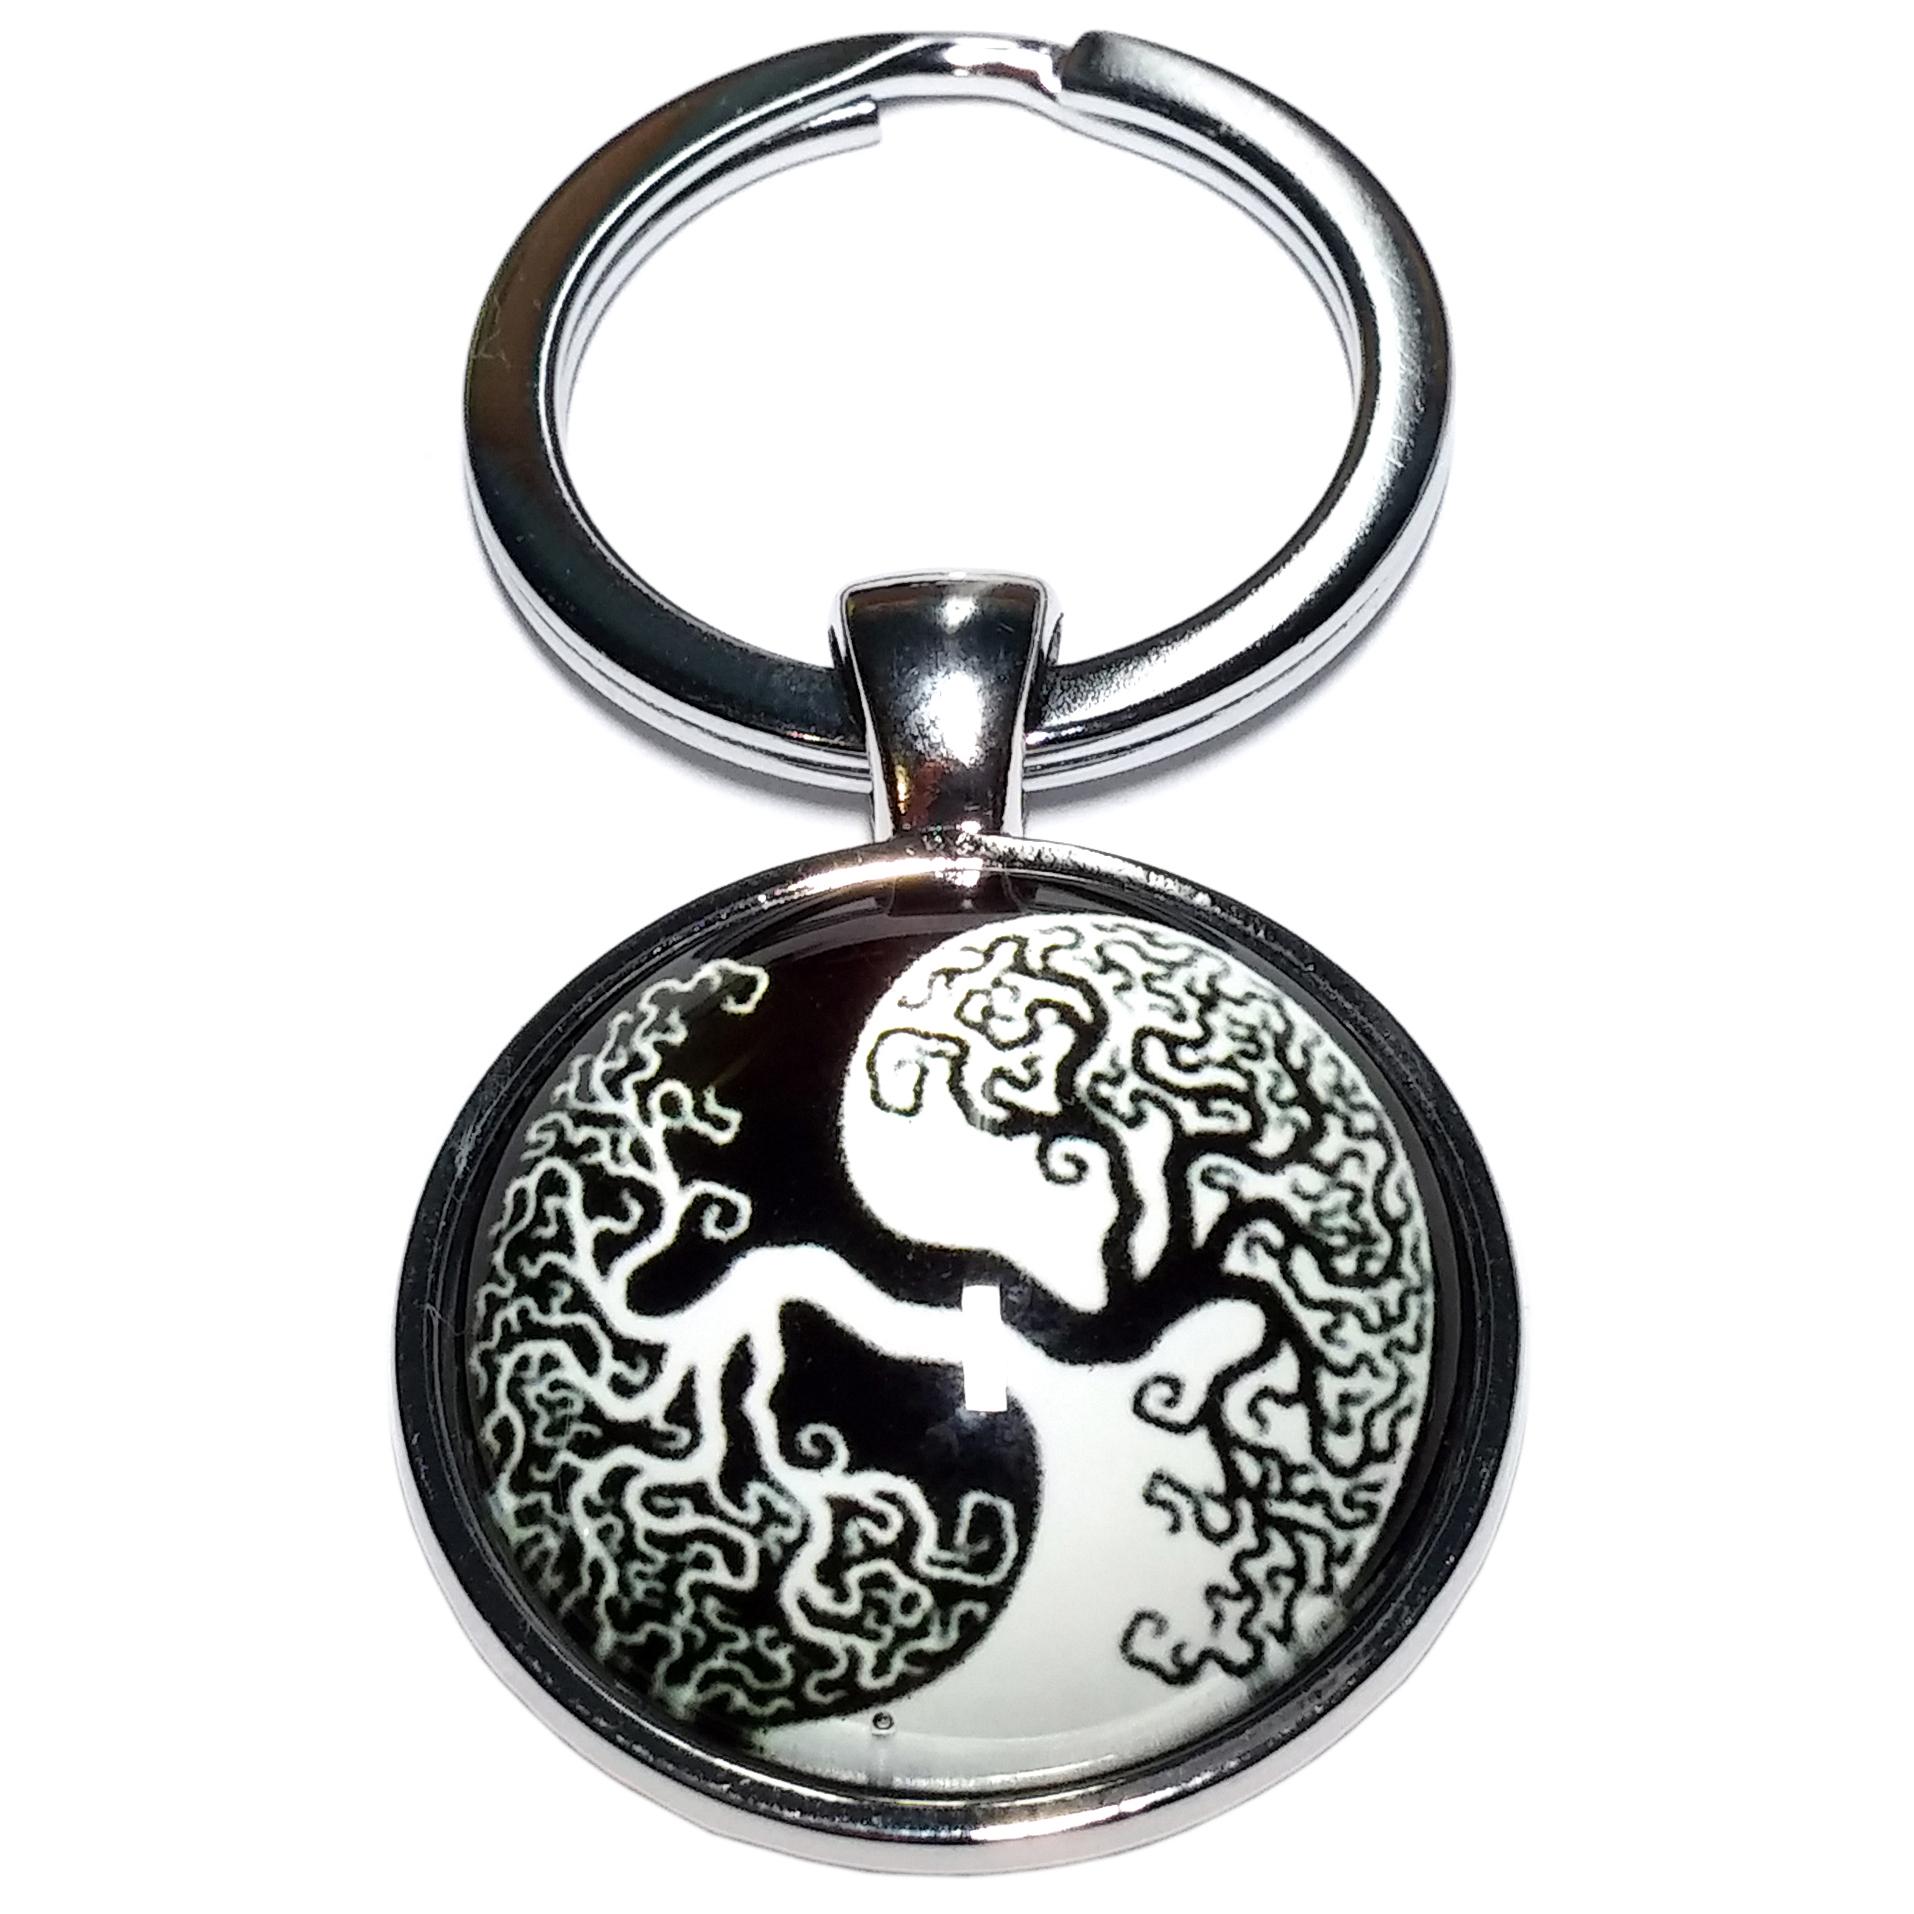 Porte clé métal arbre de vie yin yang noir et blanc